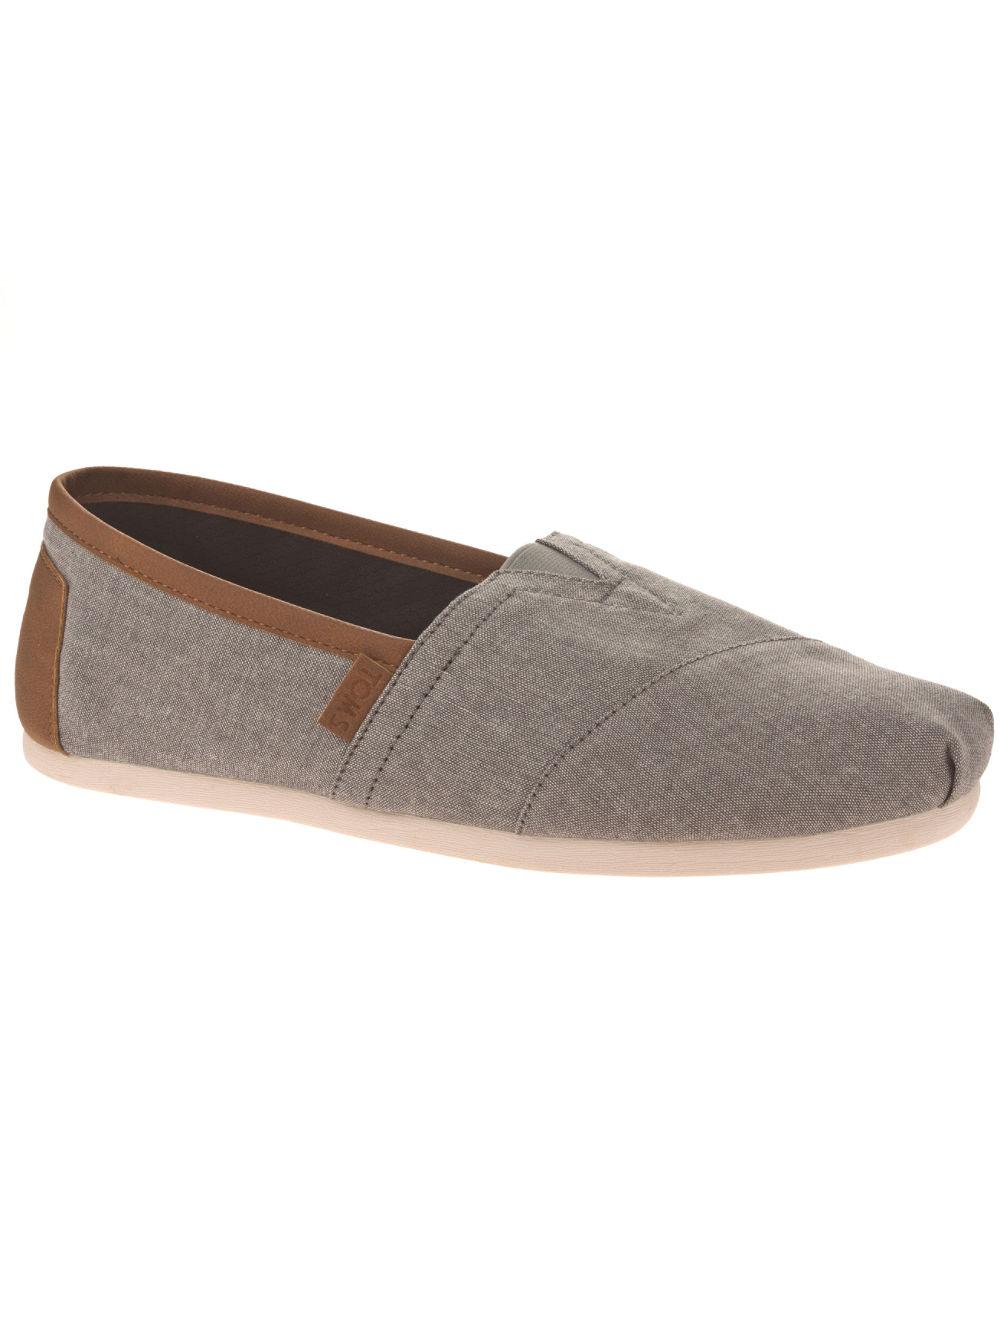 toms-alpargata-slippers